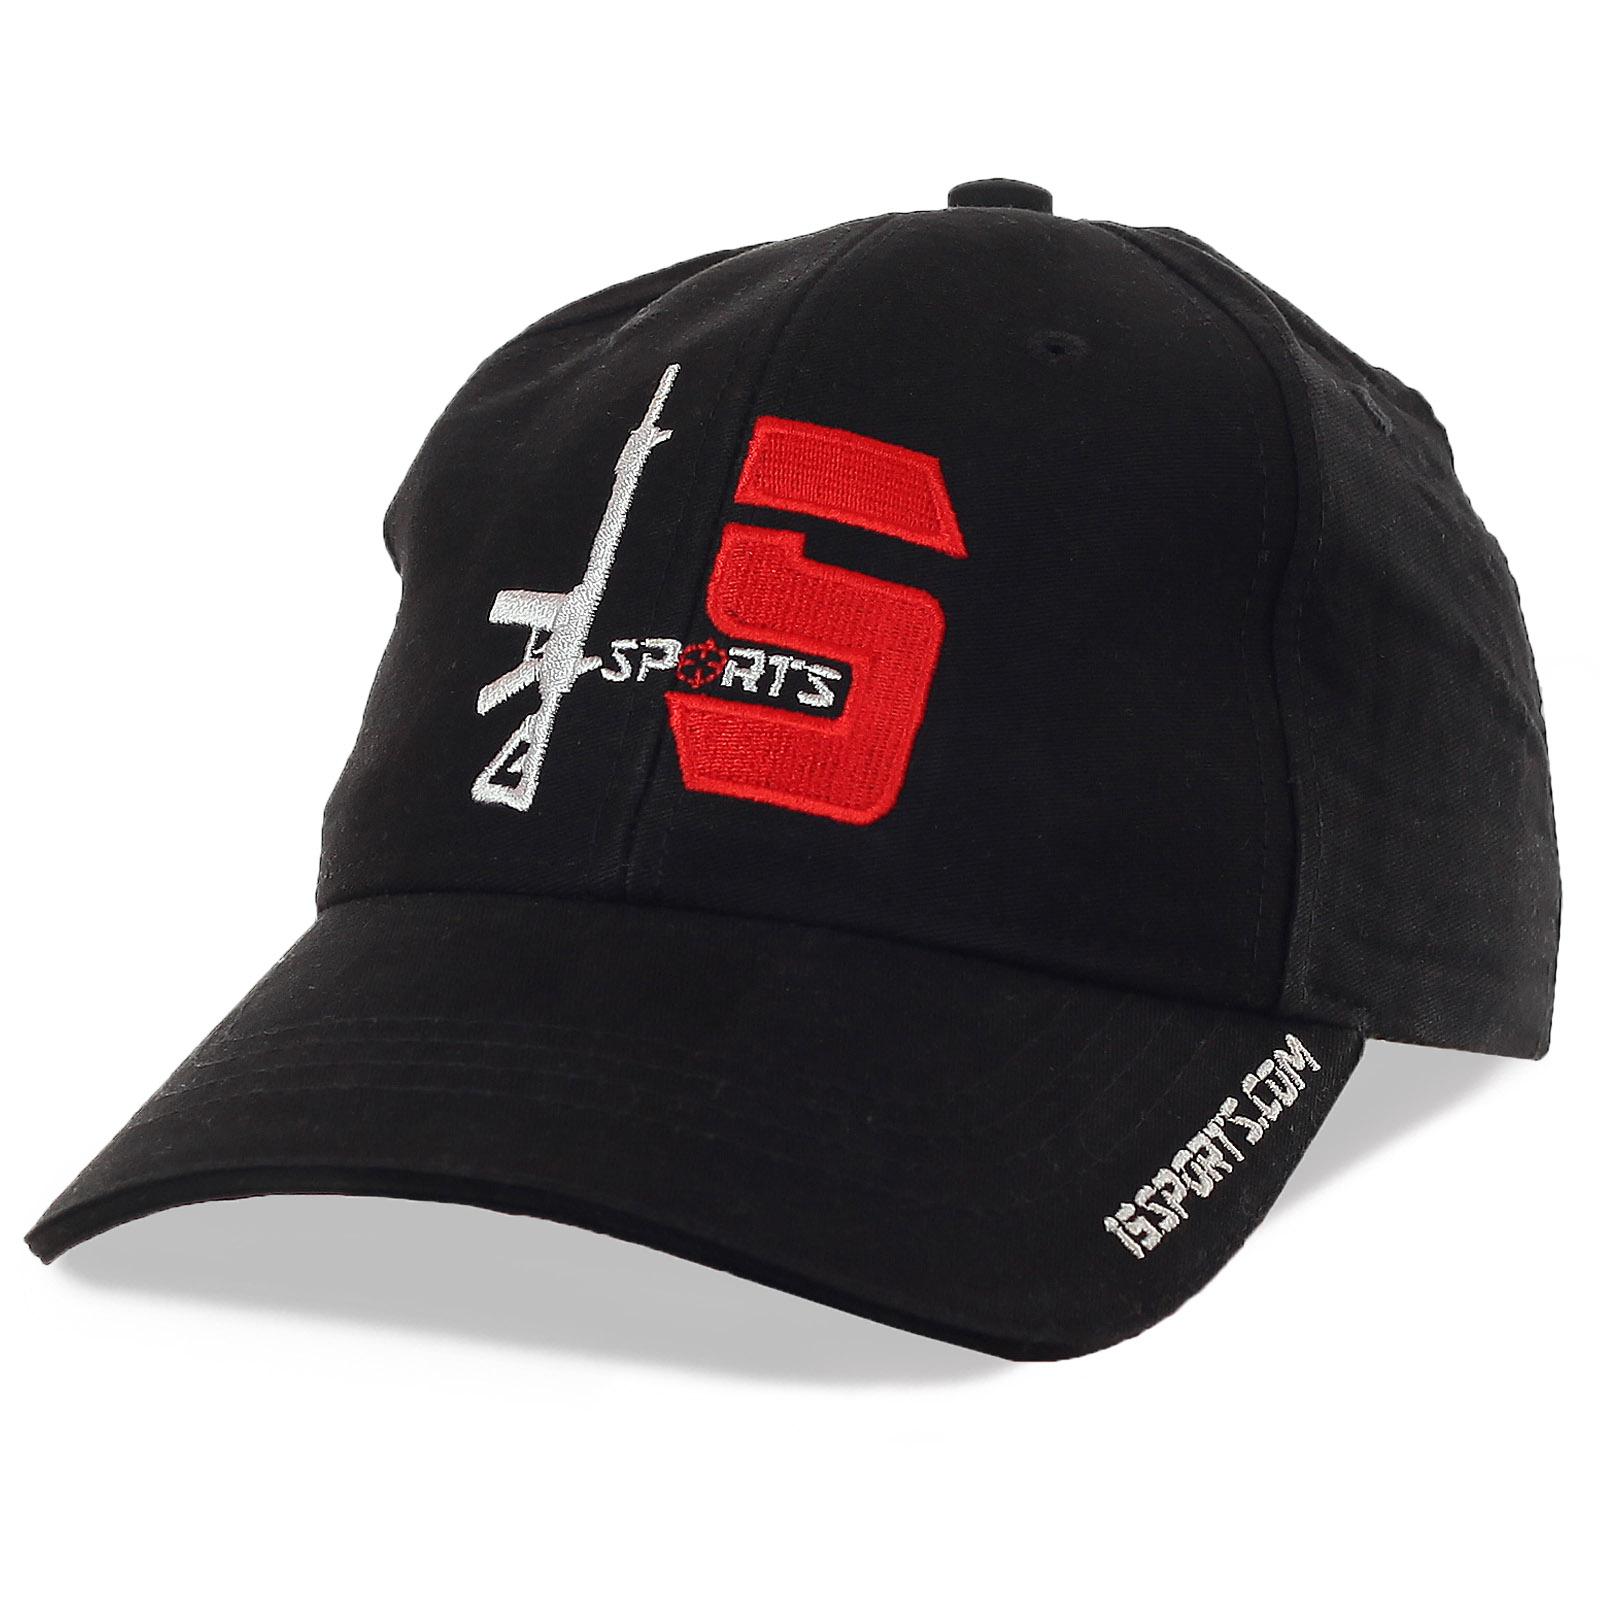 Черная брендовая бейсболка с фирменной вышивкой-логотипом – твой удобный городской стиль